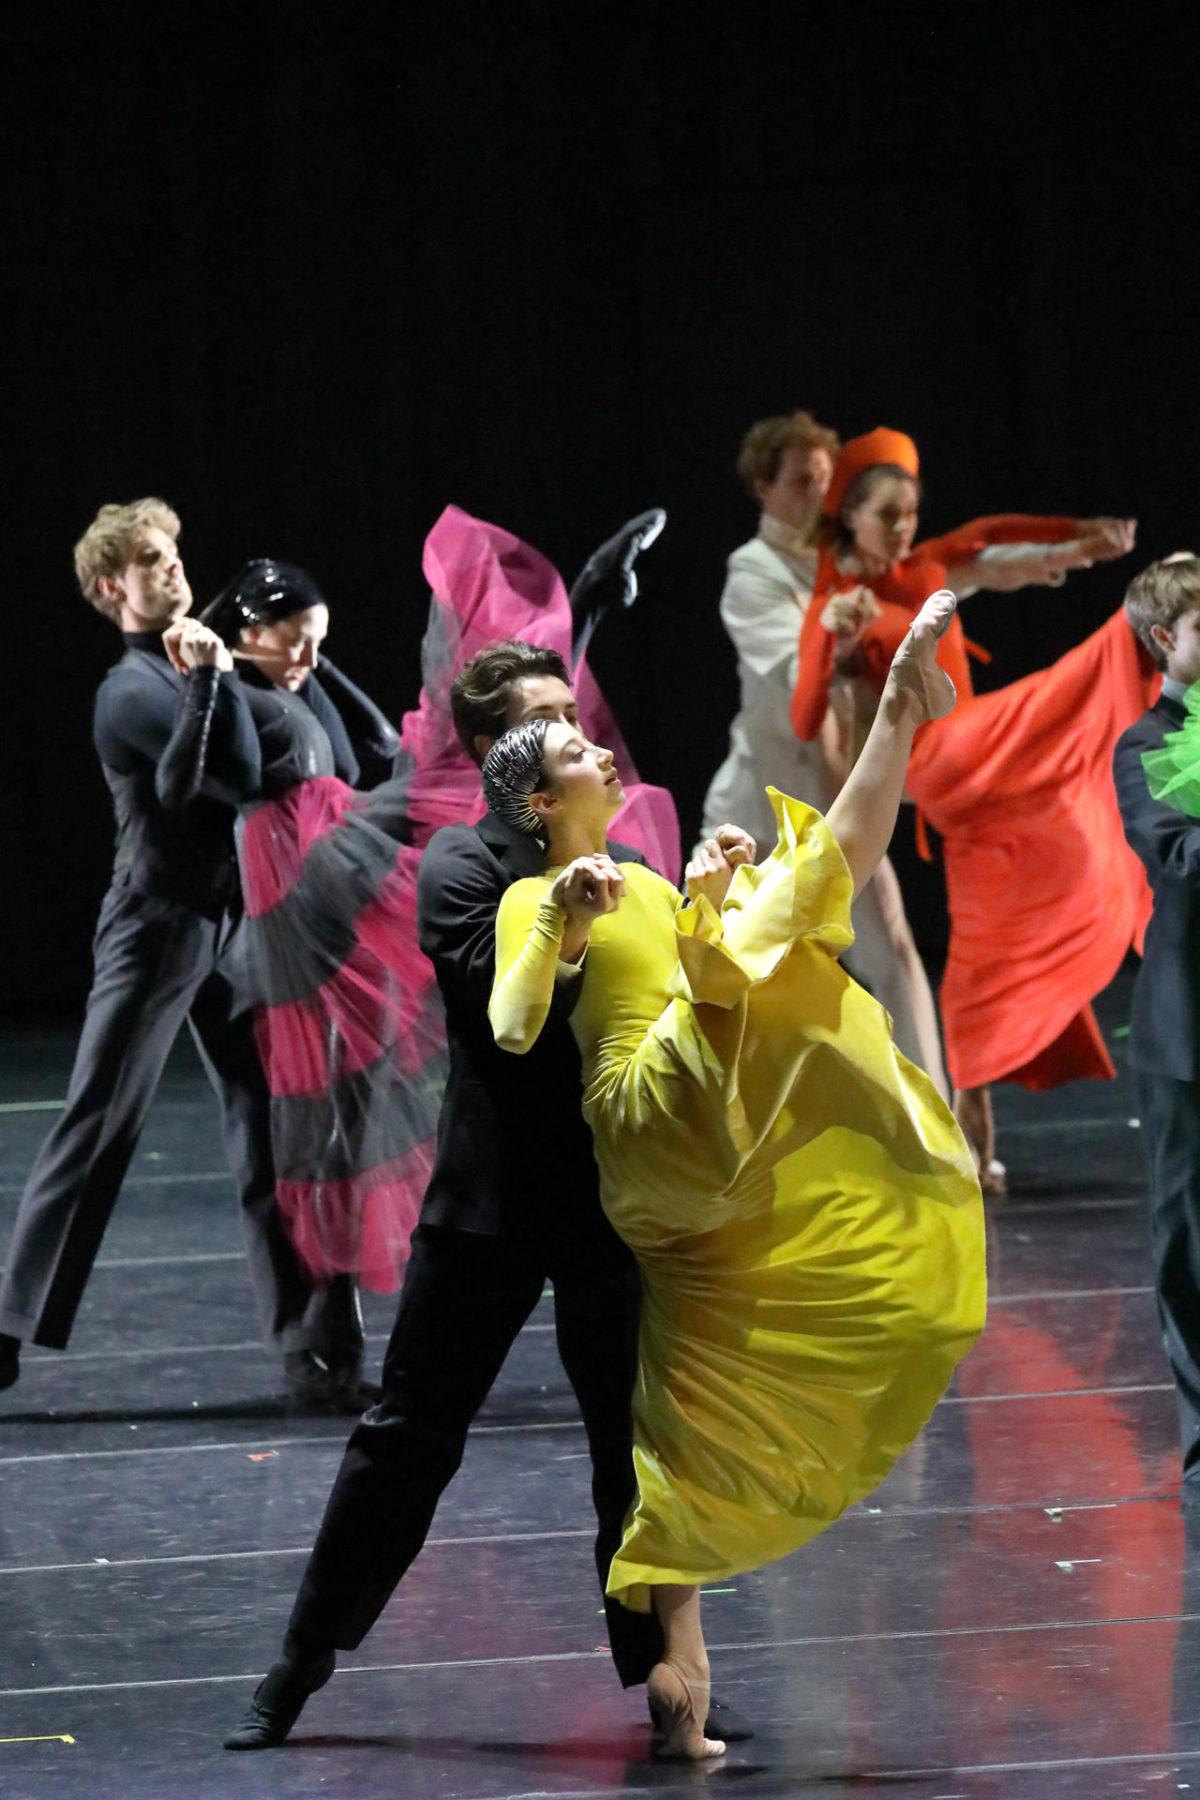 Der Schneesturm, Ballett, Bayerische Staatsoper, München, Livestream, 17. April 2021